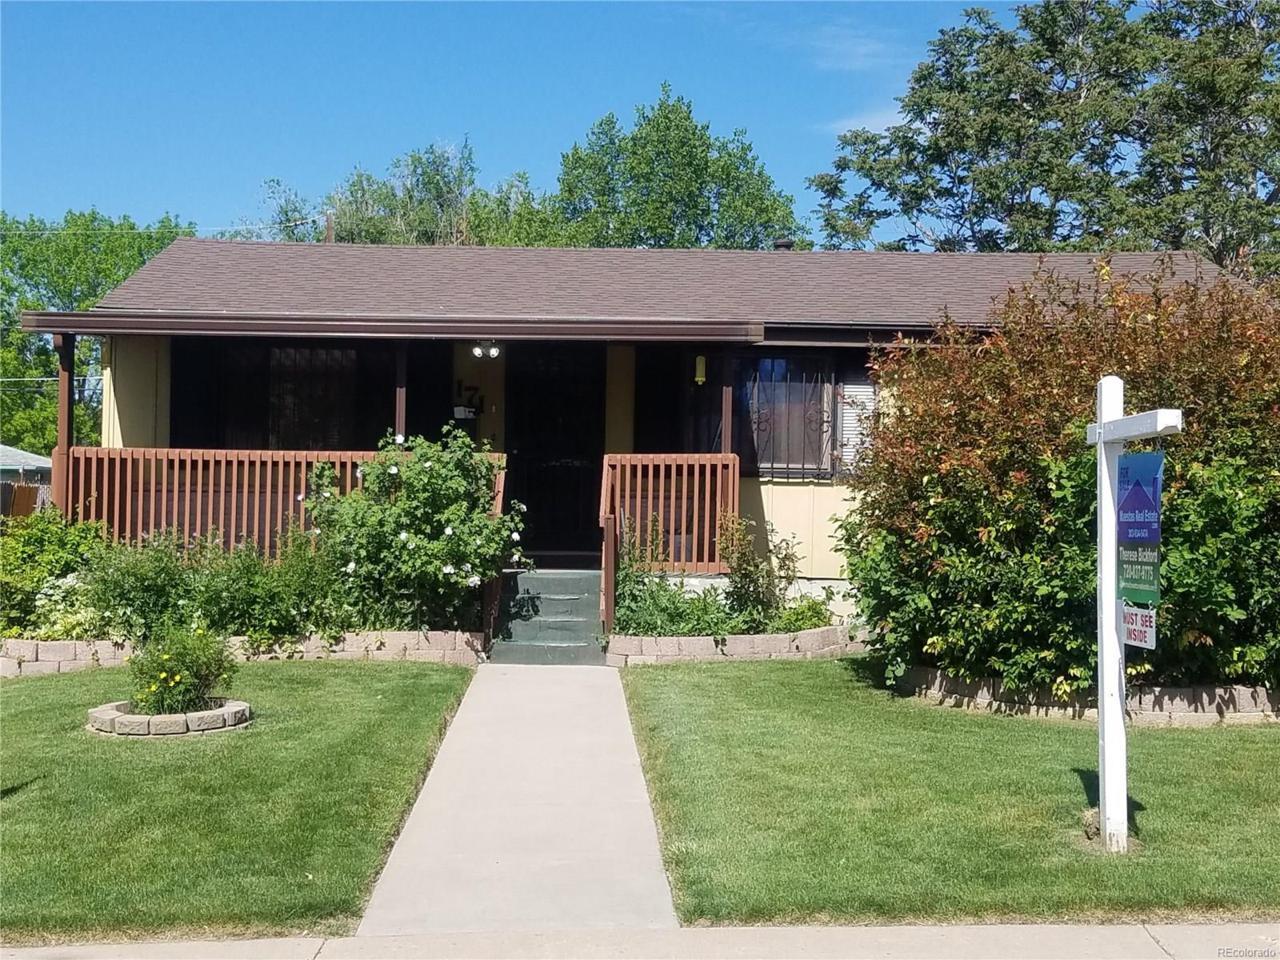 171 Utica Street, Denver, CO 80219 (MLS #9821867) :: 8z Real Estate